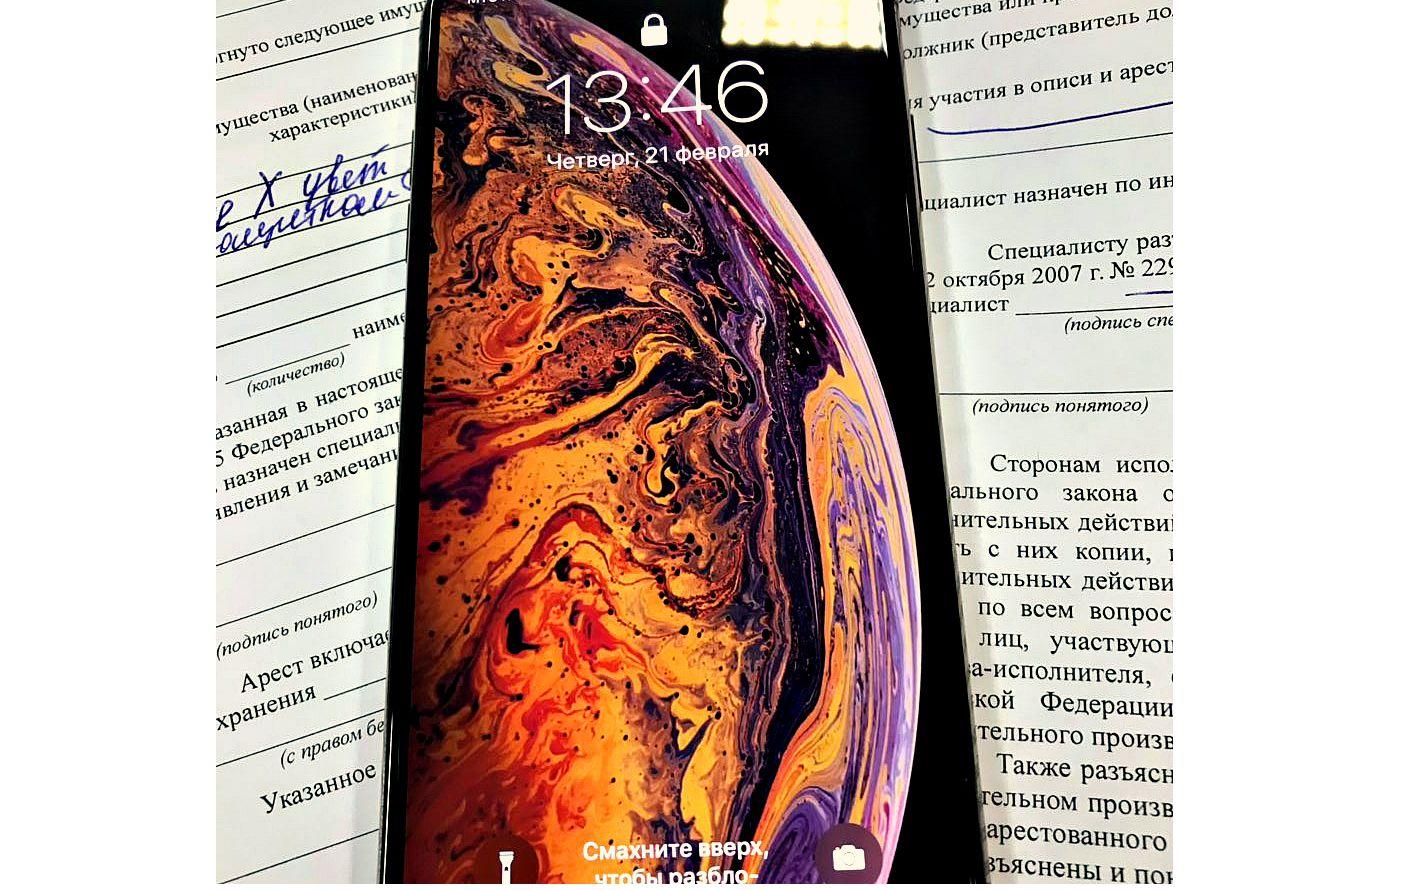 У ярославны из-за крупного долга арестовали золотой смартфон